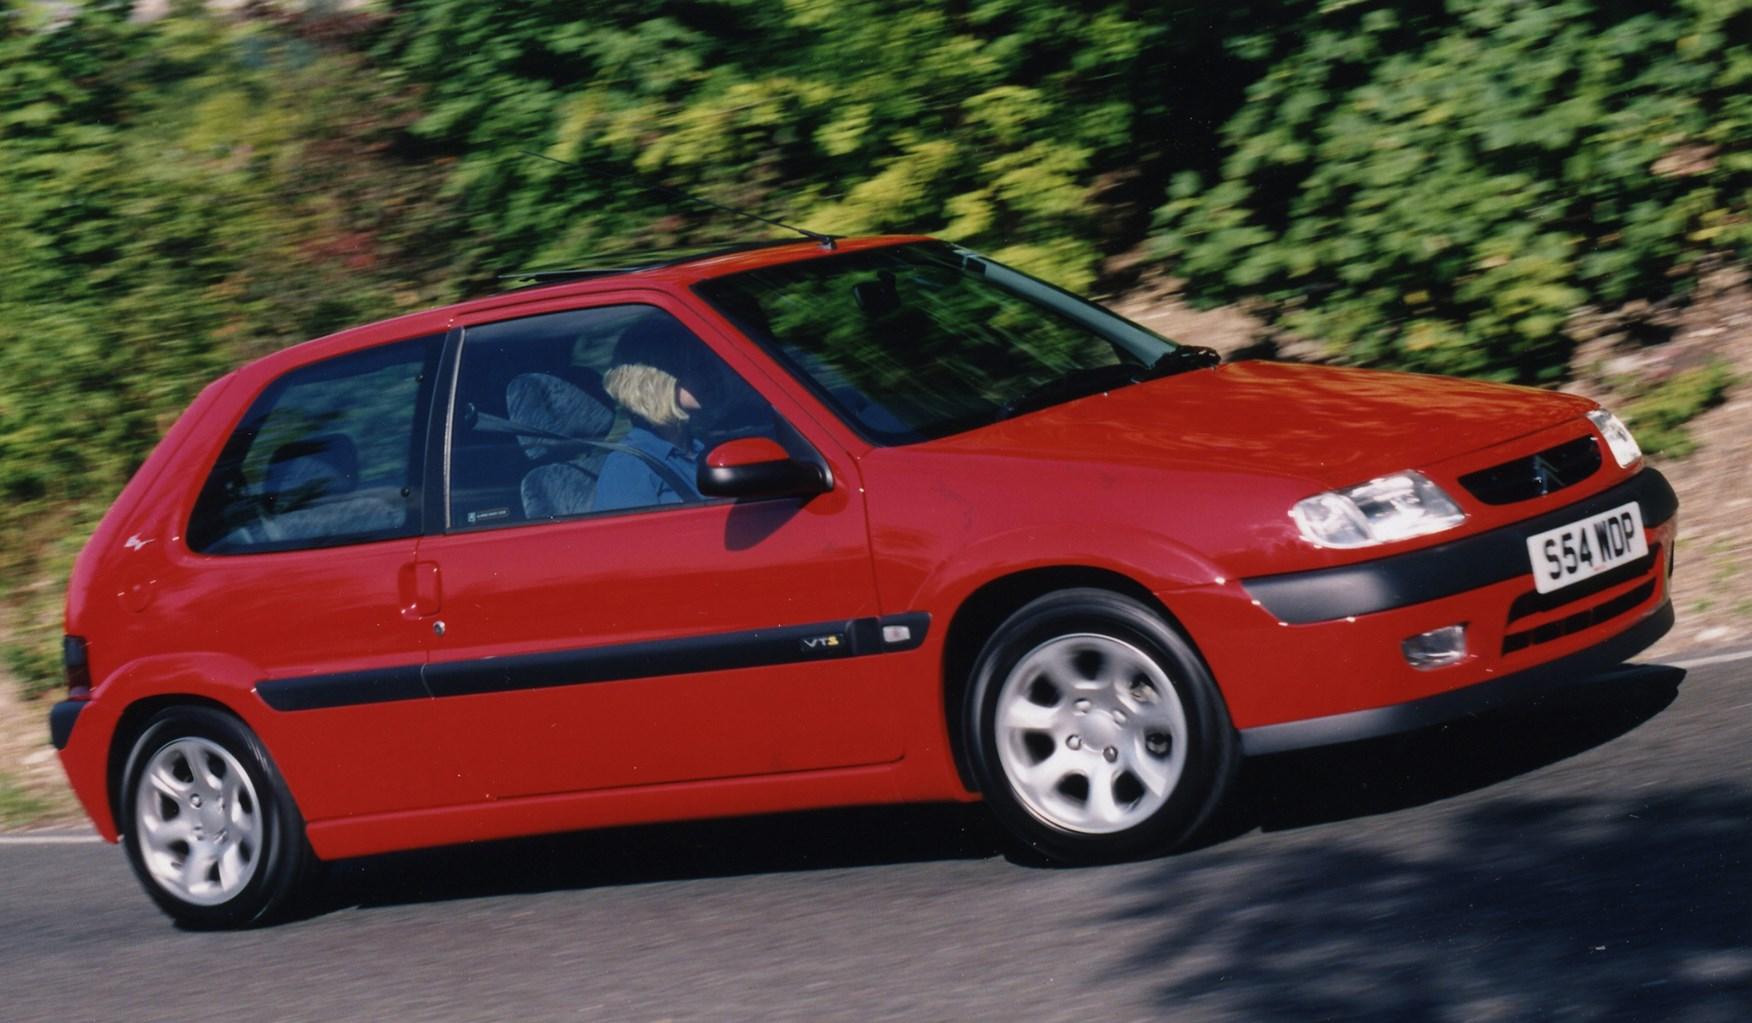 citro n saxo hatchback review 1996 2003 parkers. Black Bedroom Furniture Sets. Home Design Ideas